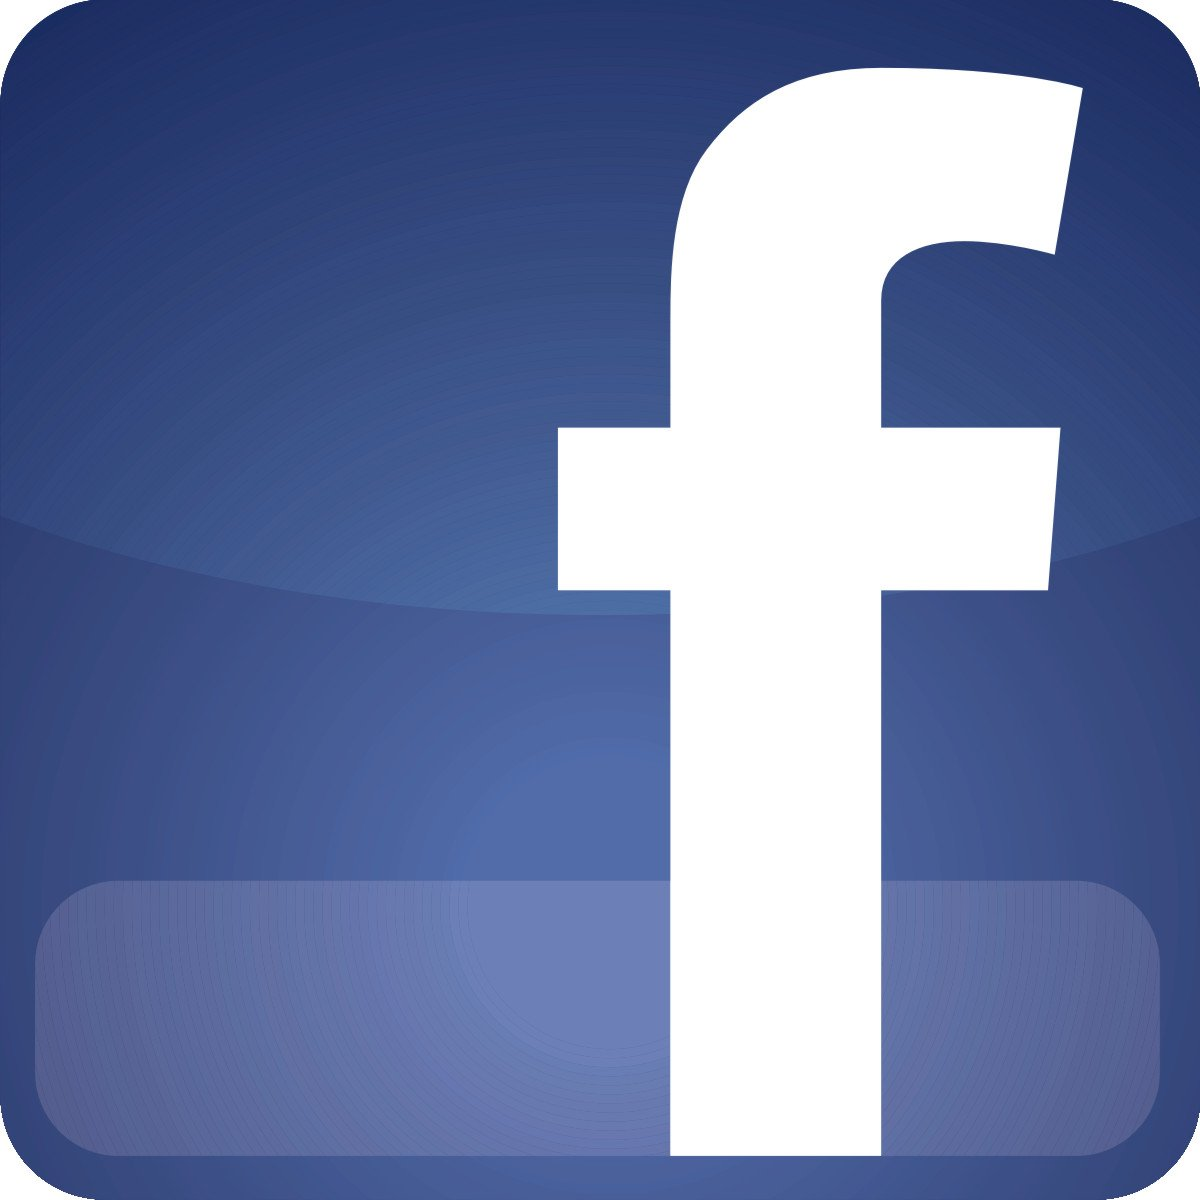 Facebook logo - Letter F.jpg